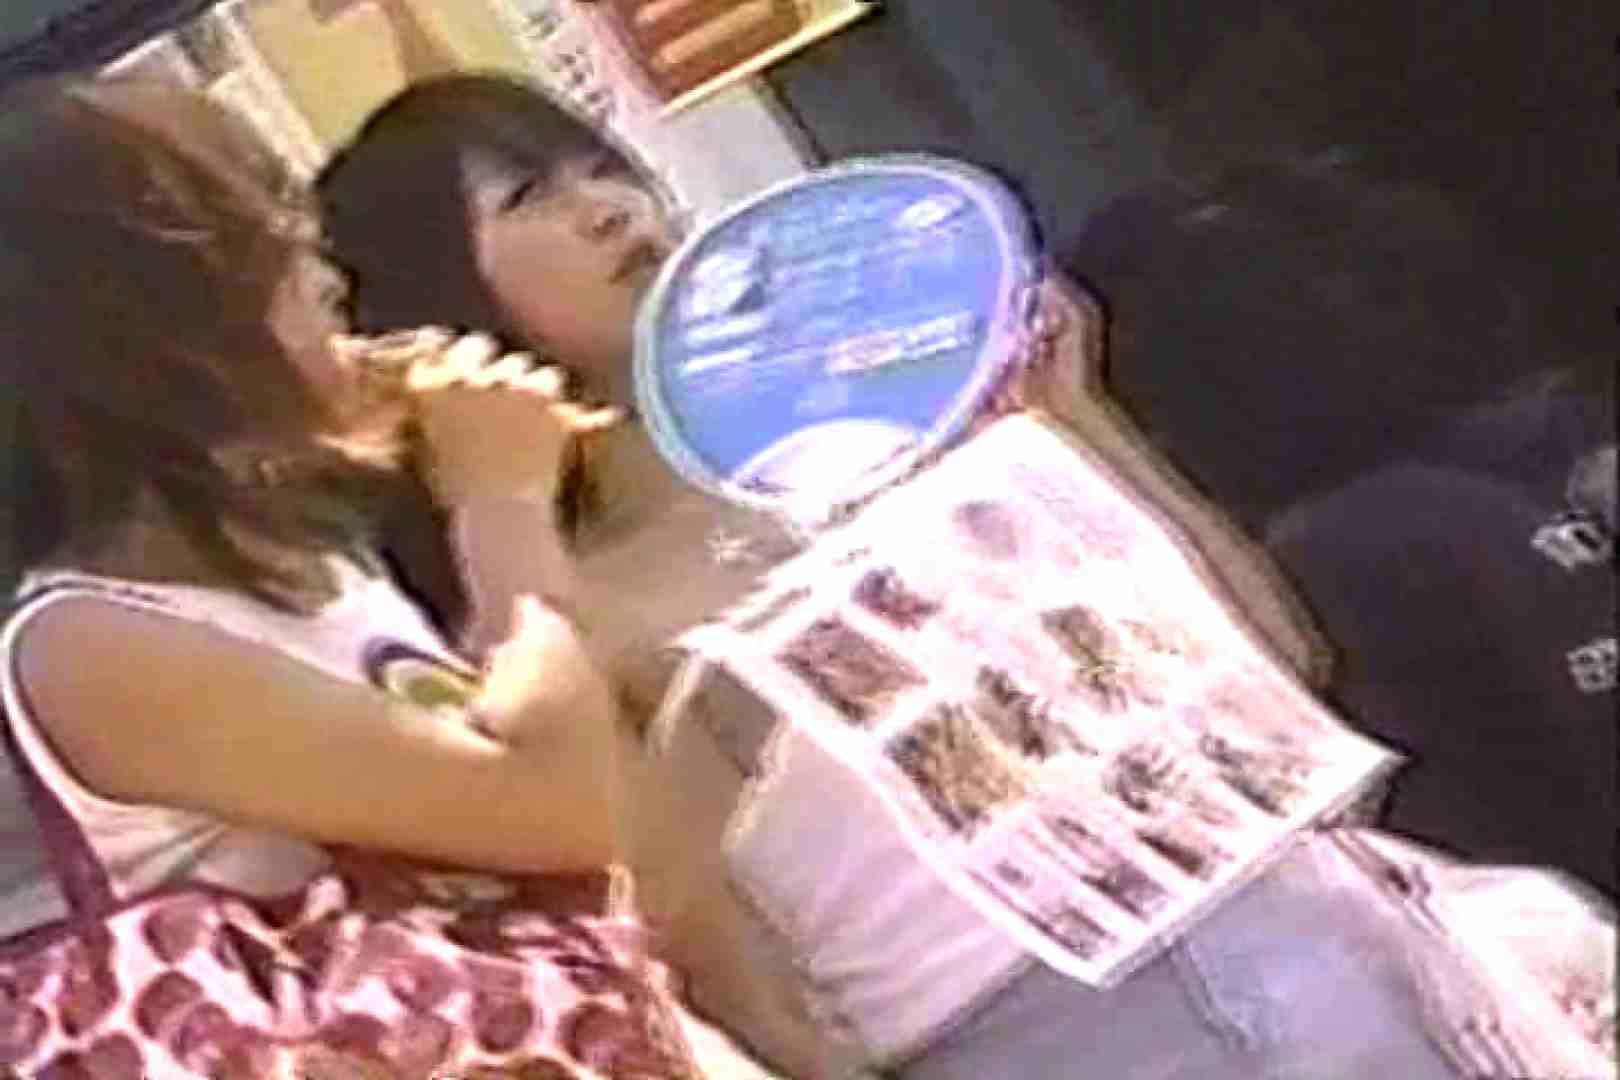 「ちくりん」さんのオリジナル未編集パンチラVol.1_01 パンチラのぞき セックス無修正動画無料 95画像 77